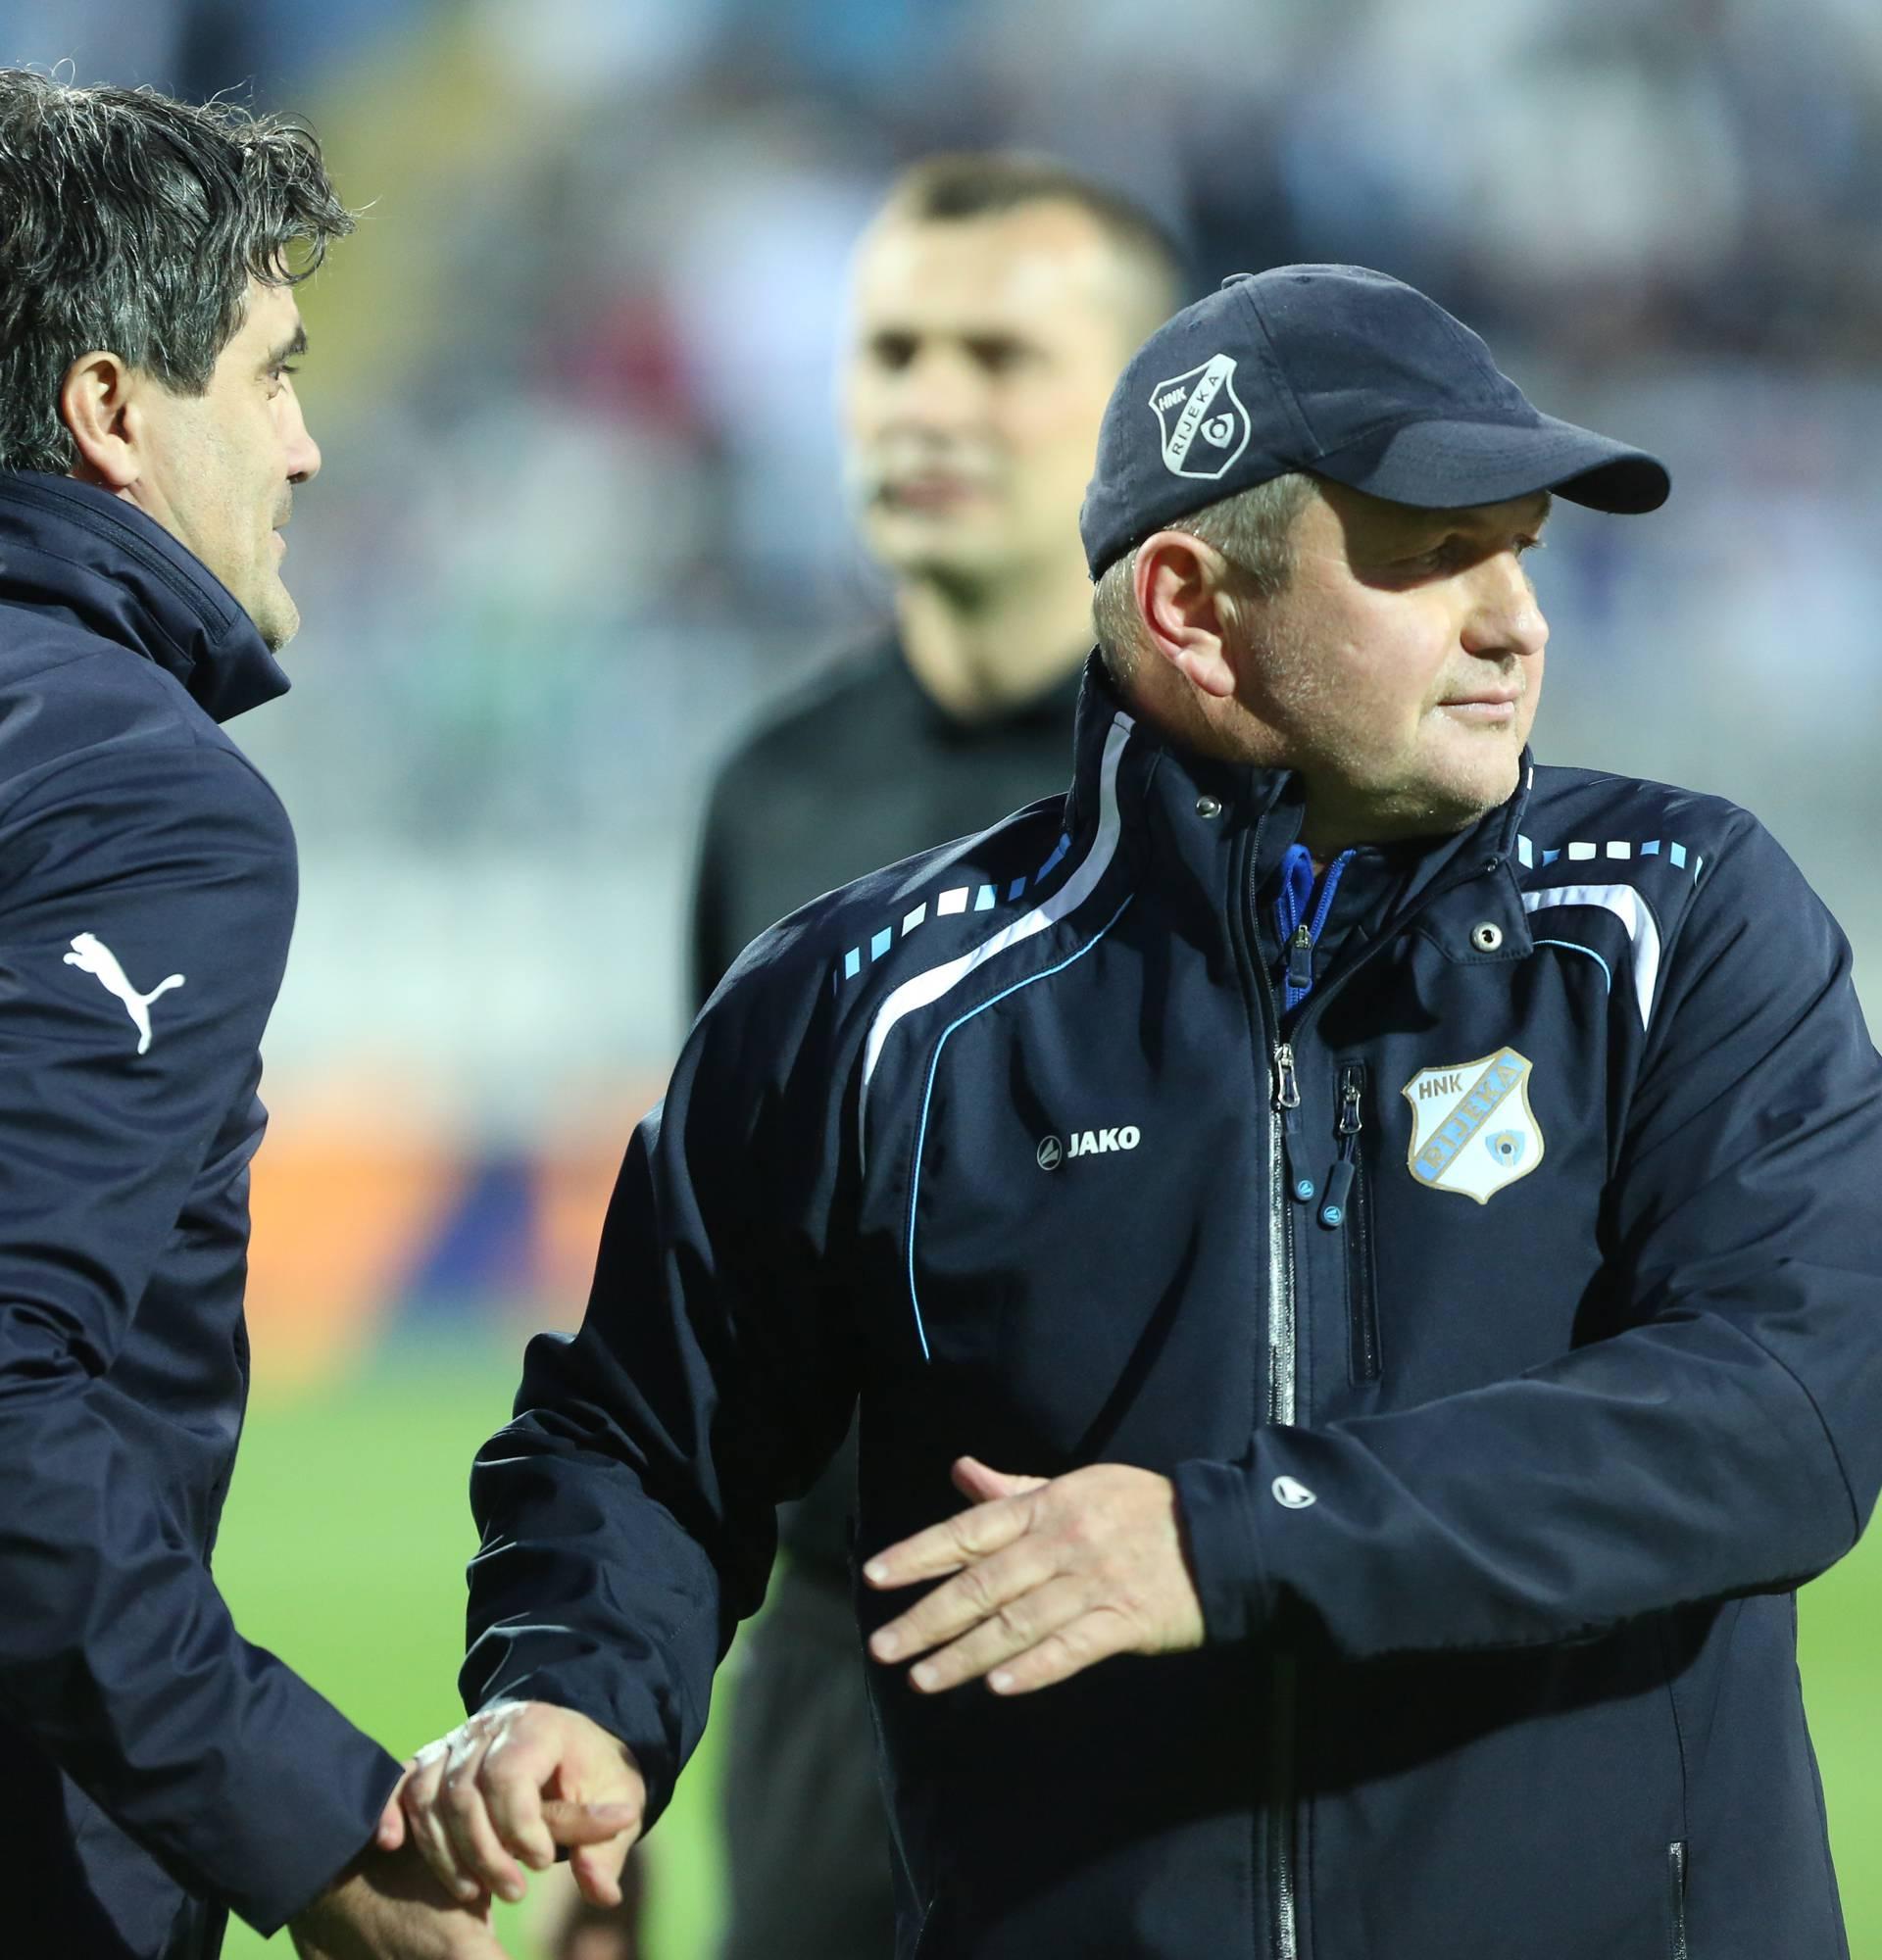 S Kvarnera već mašu bijelom zastavom: Dinamo je prvak?